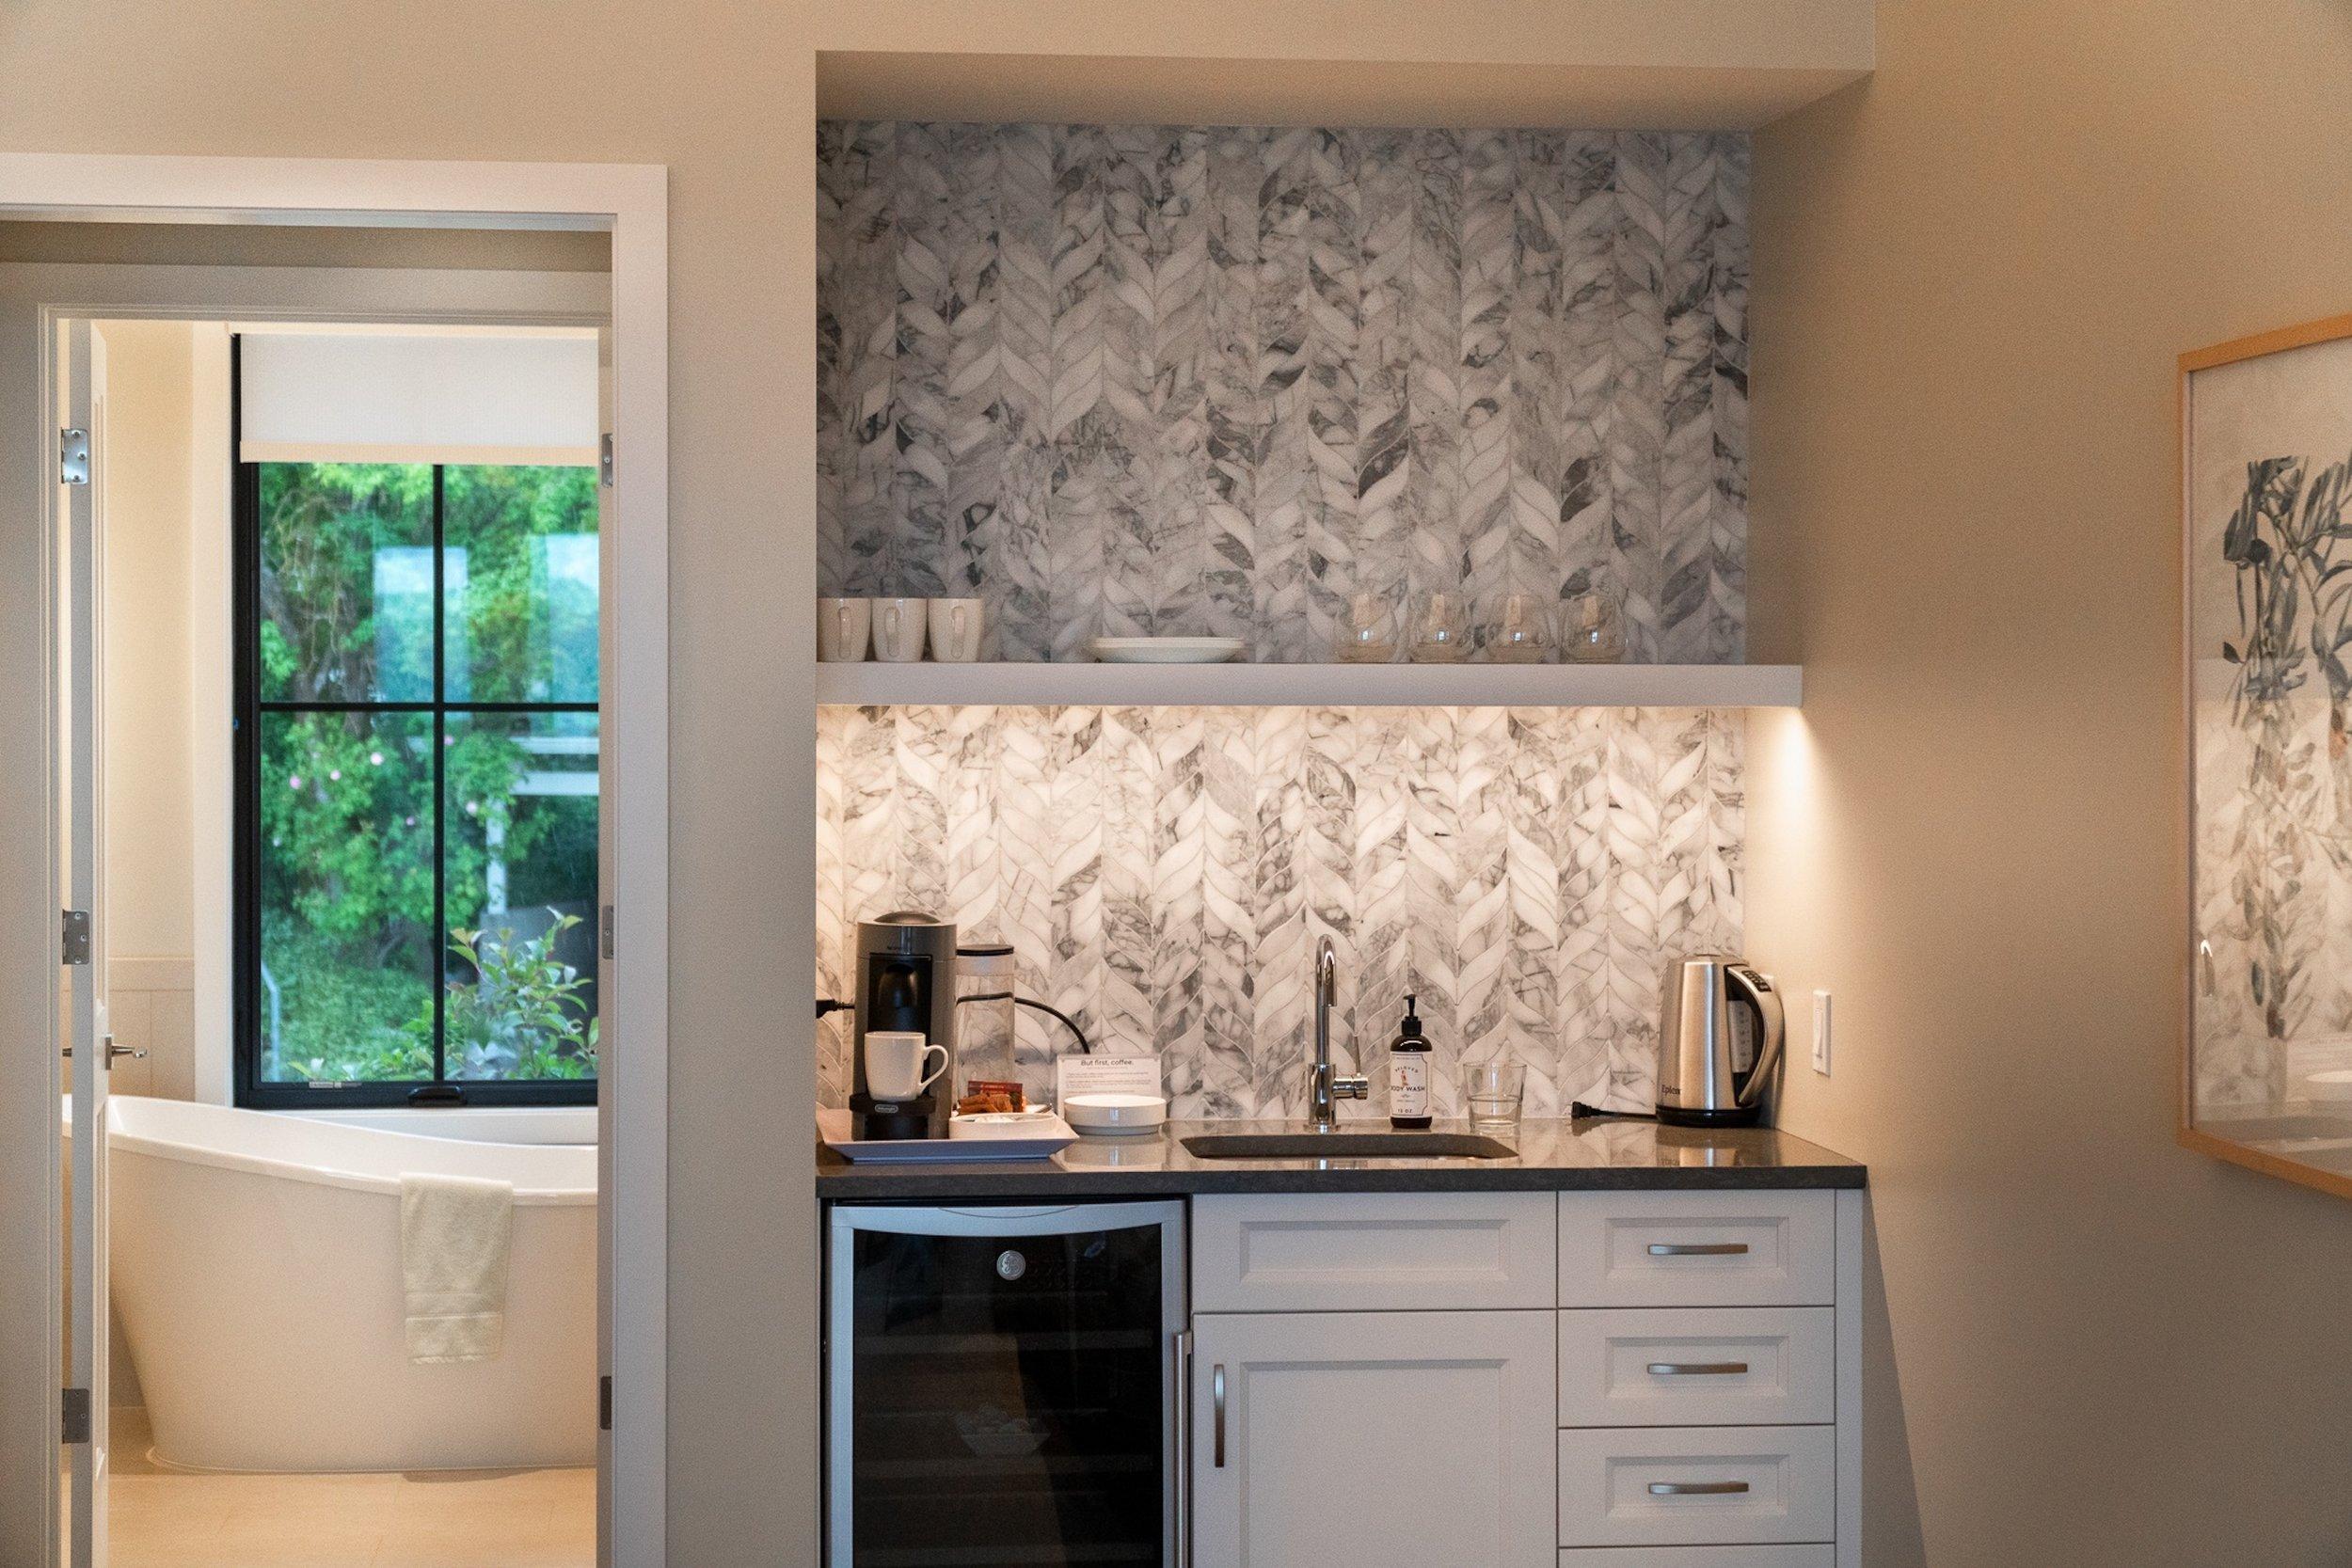 Bathroom_tub_hotel_suite_large_modern.jpg